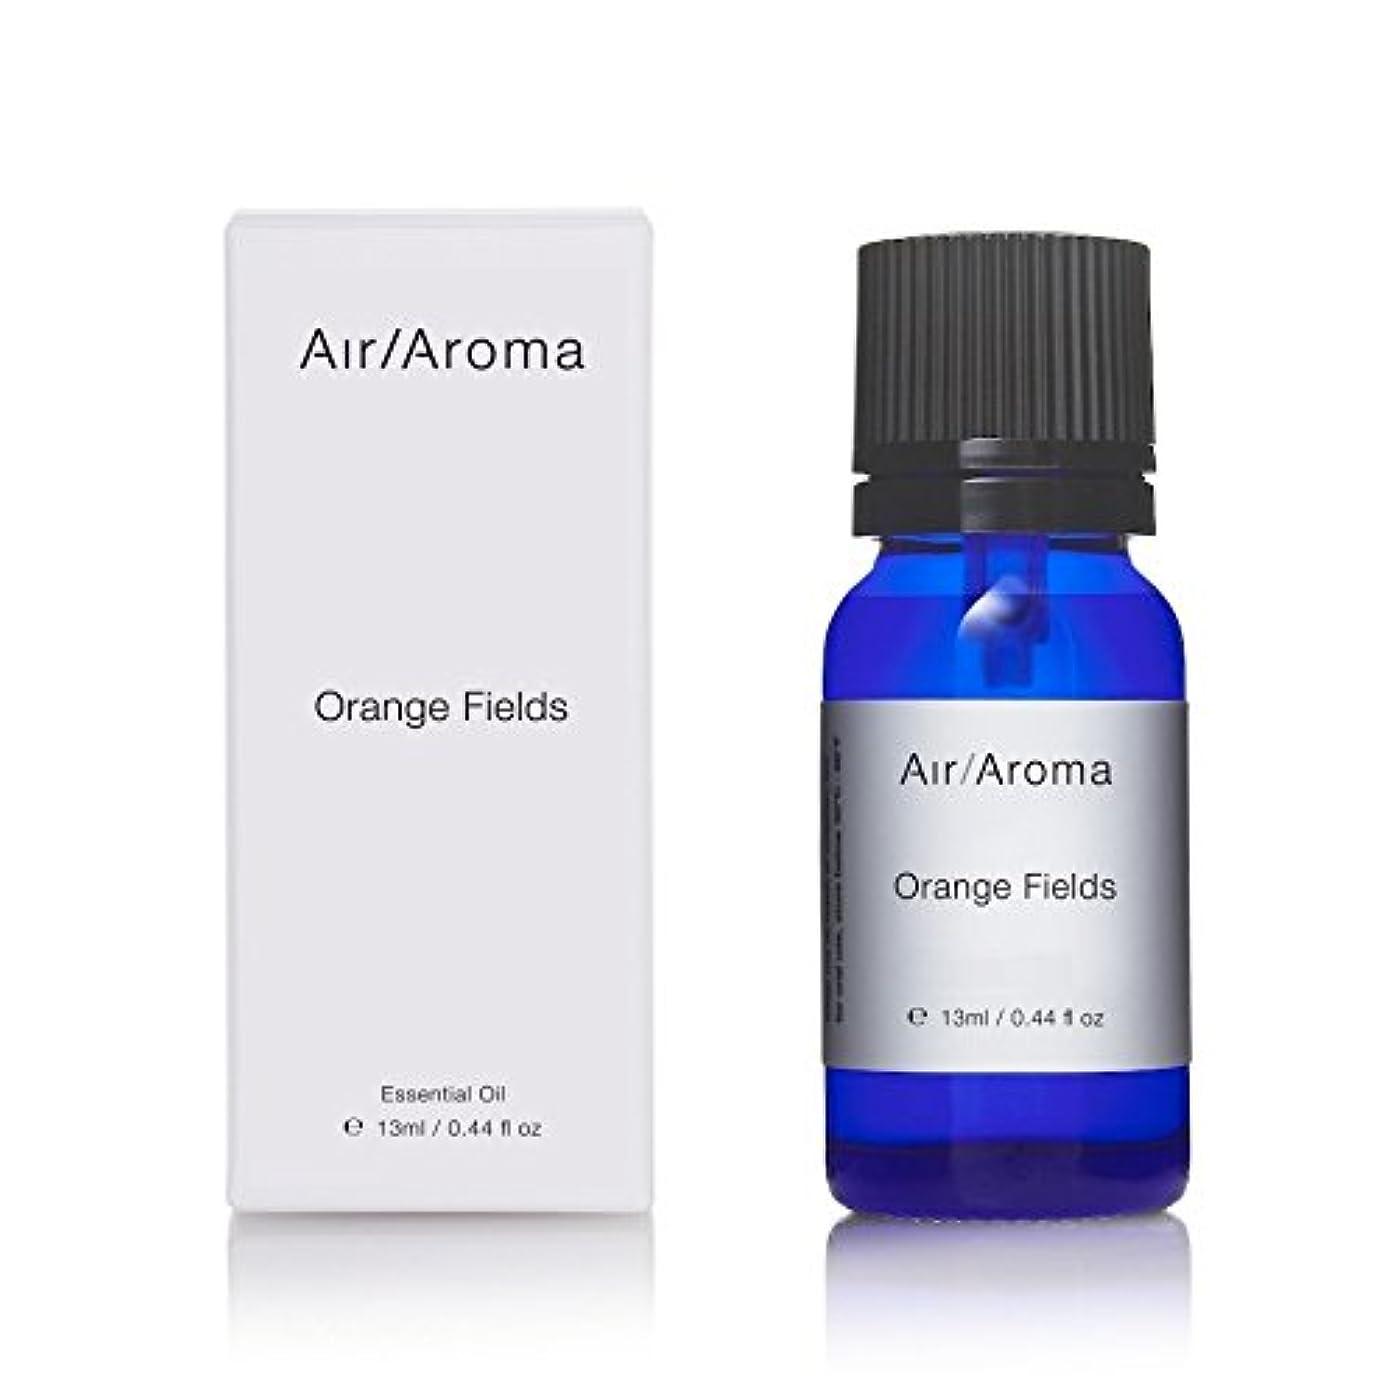 書き込み市区町村ミリメーターエアアロマ orange fields (オレンジフィールド) 13ml